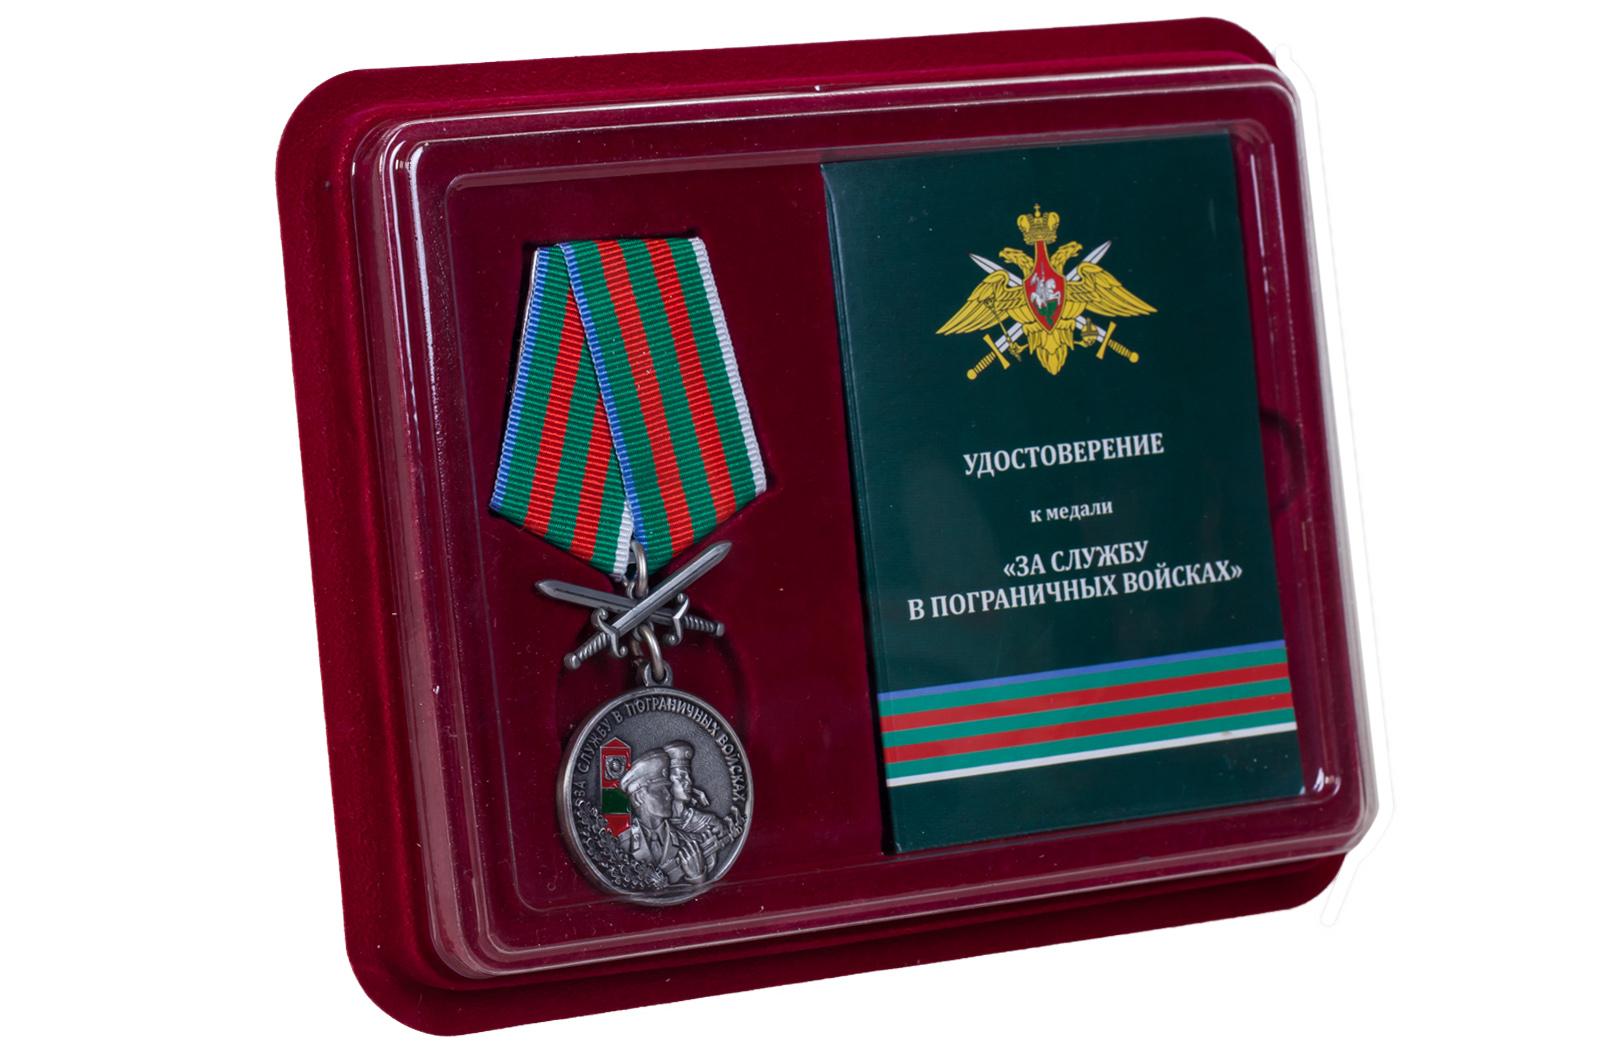 Купить памятную медаль За службу в Пограничных войсках выгодно онлайн